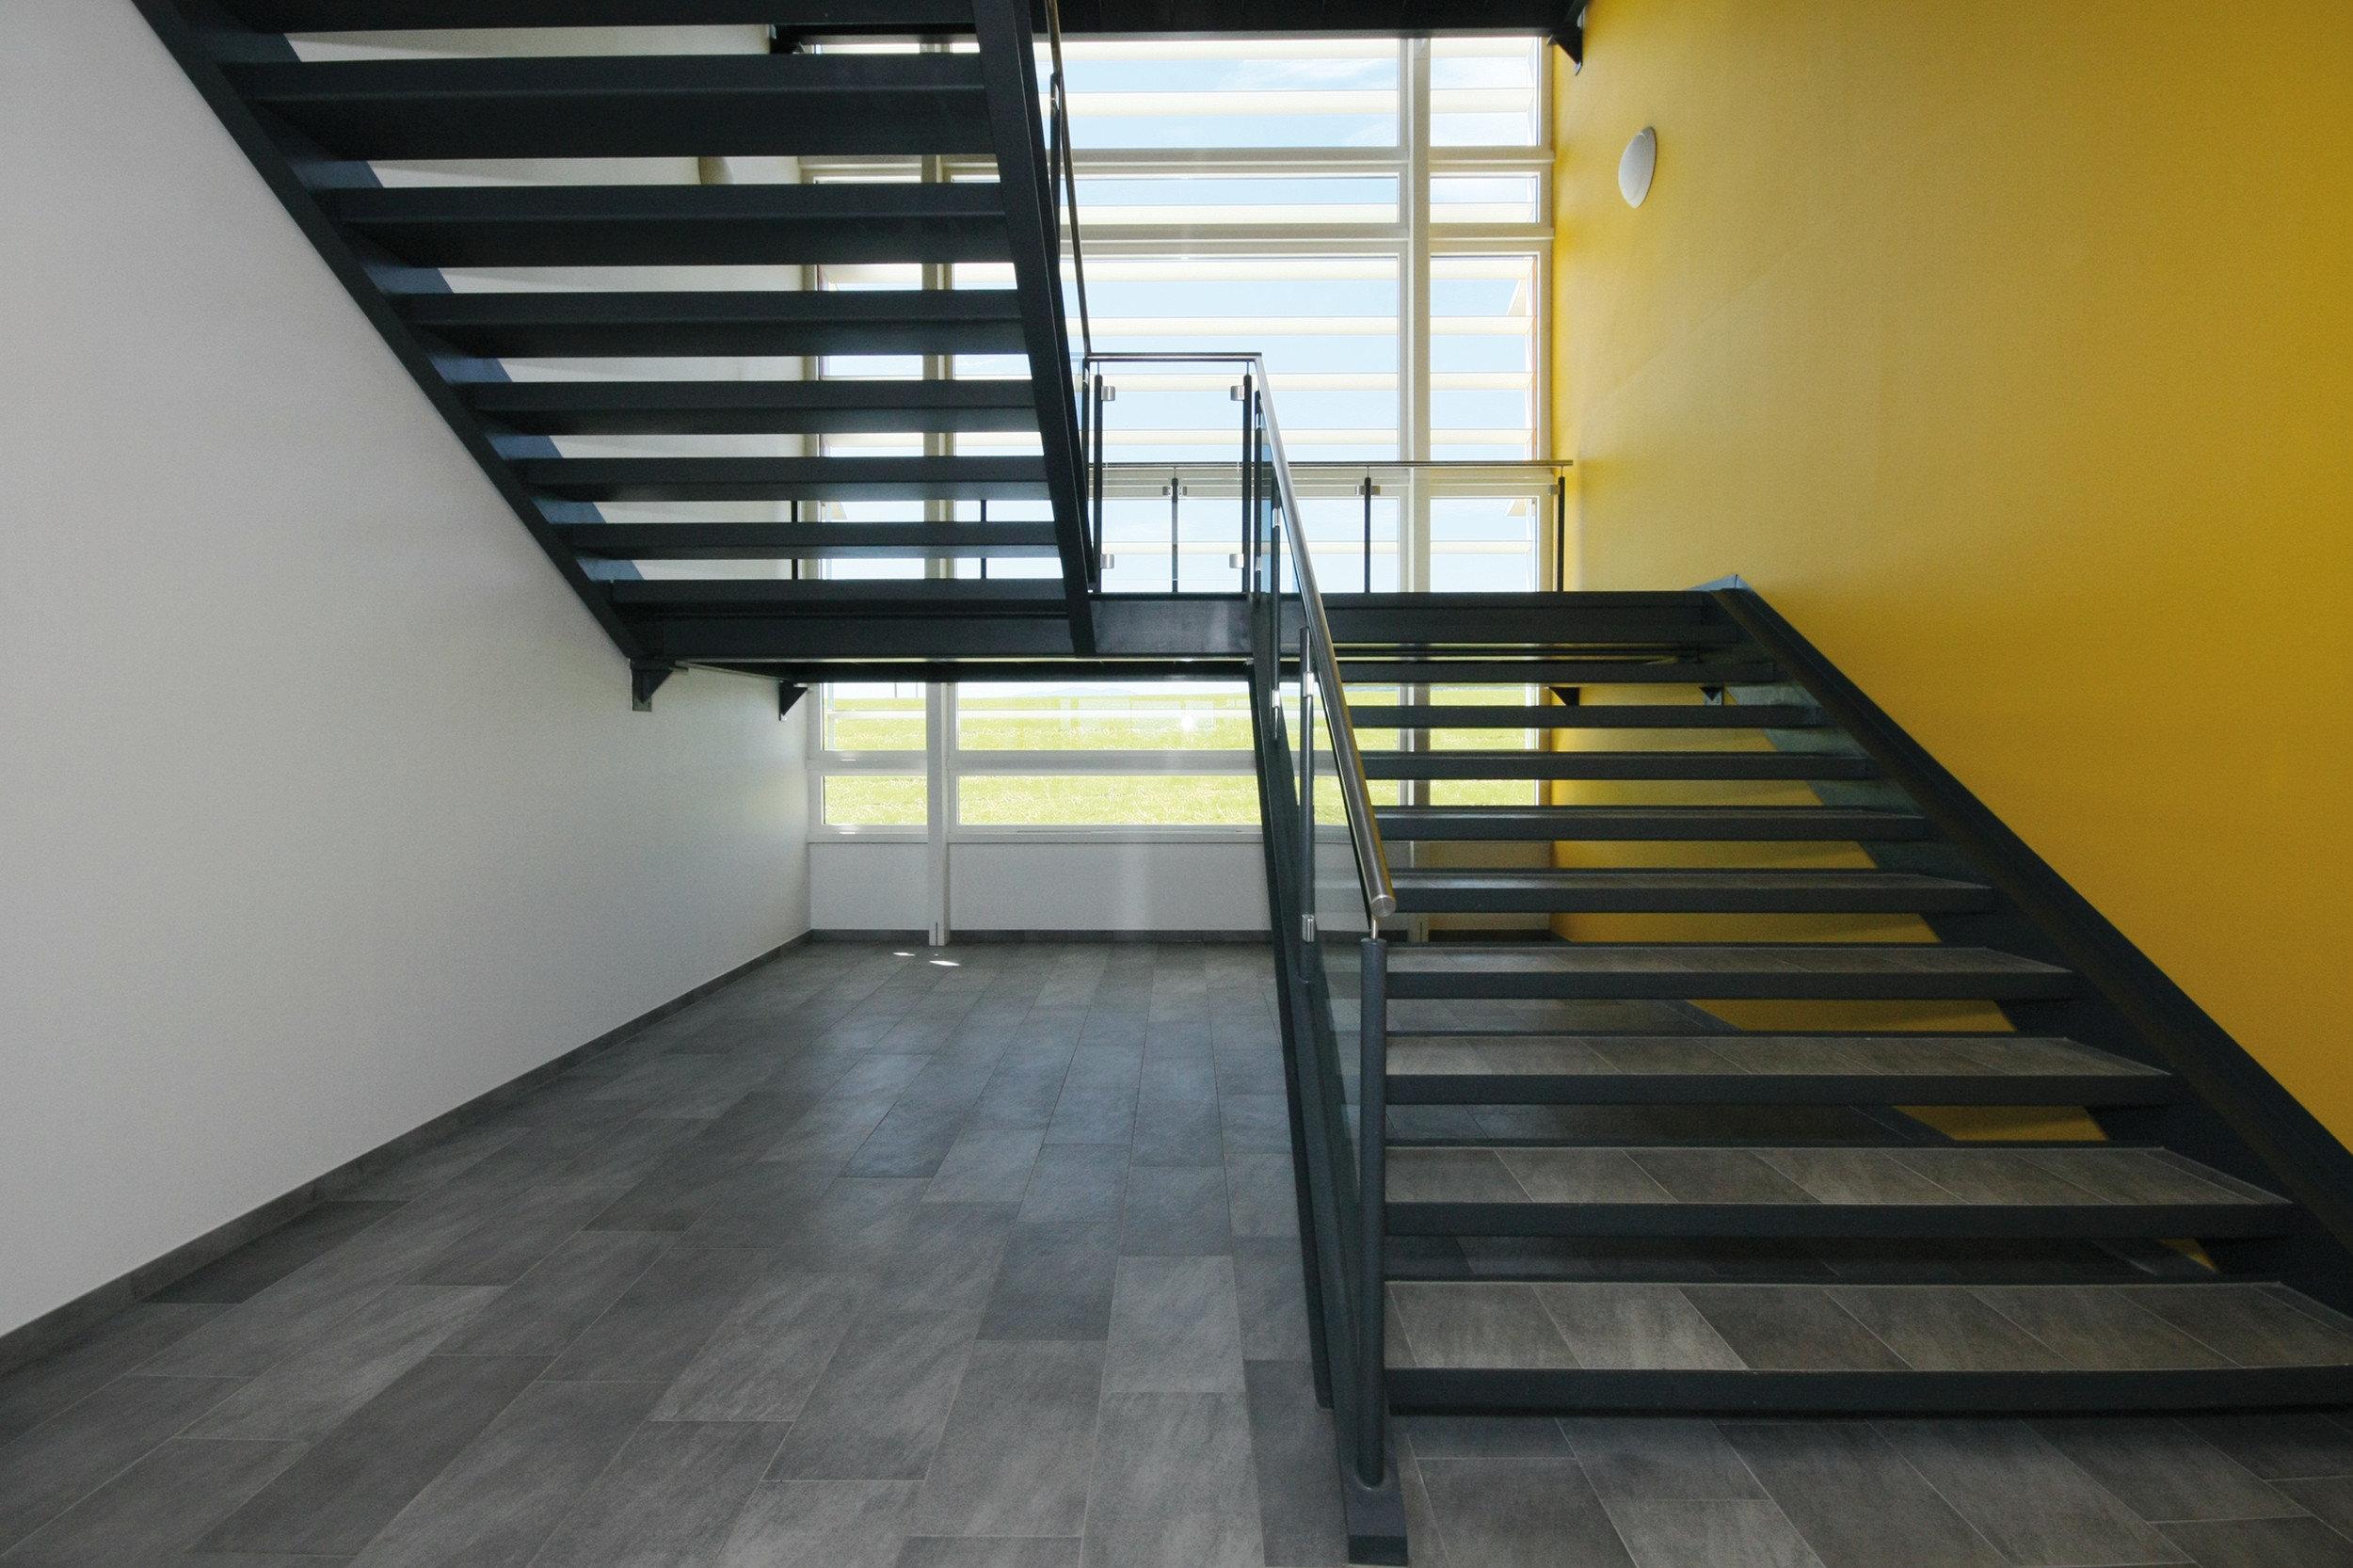 Heller, moderner Flur in Schulgebäude mit farbenfrohen Akzenten